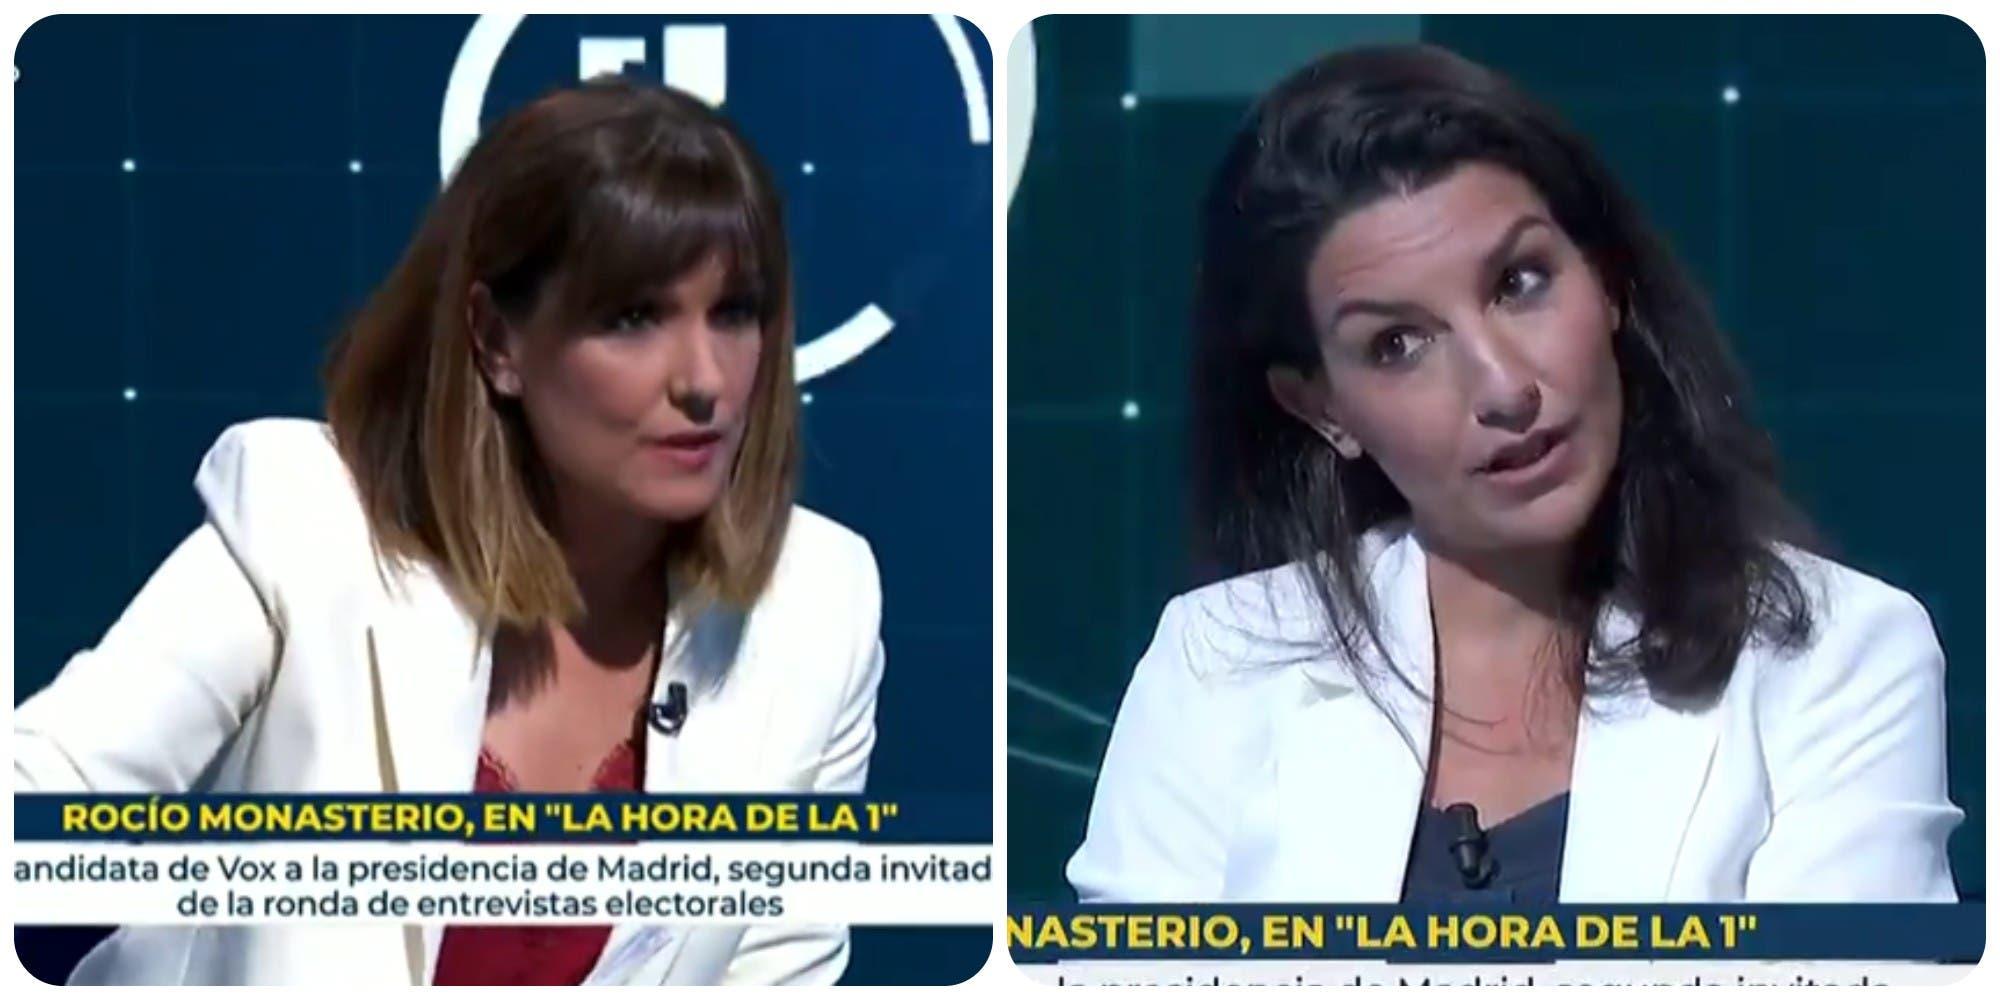 """Salvaje palo de la Junta Electoral a Mónica López (TVE) por su """"falta de neutralidad y ecuanimidad"""" con Monasterio"""